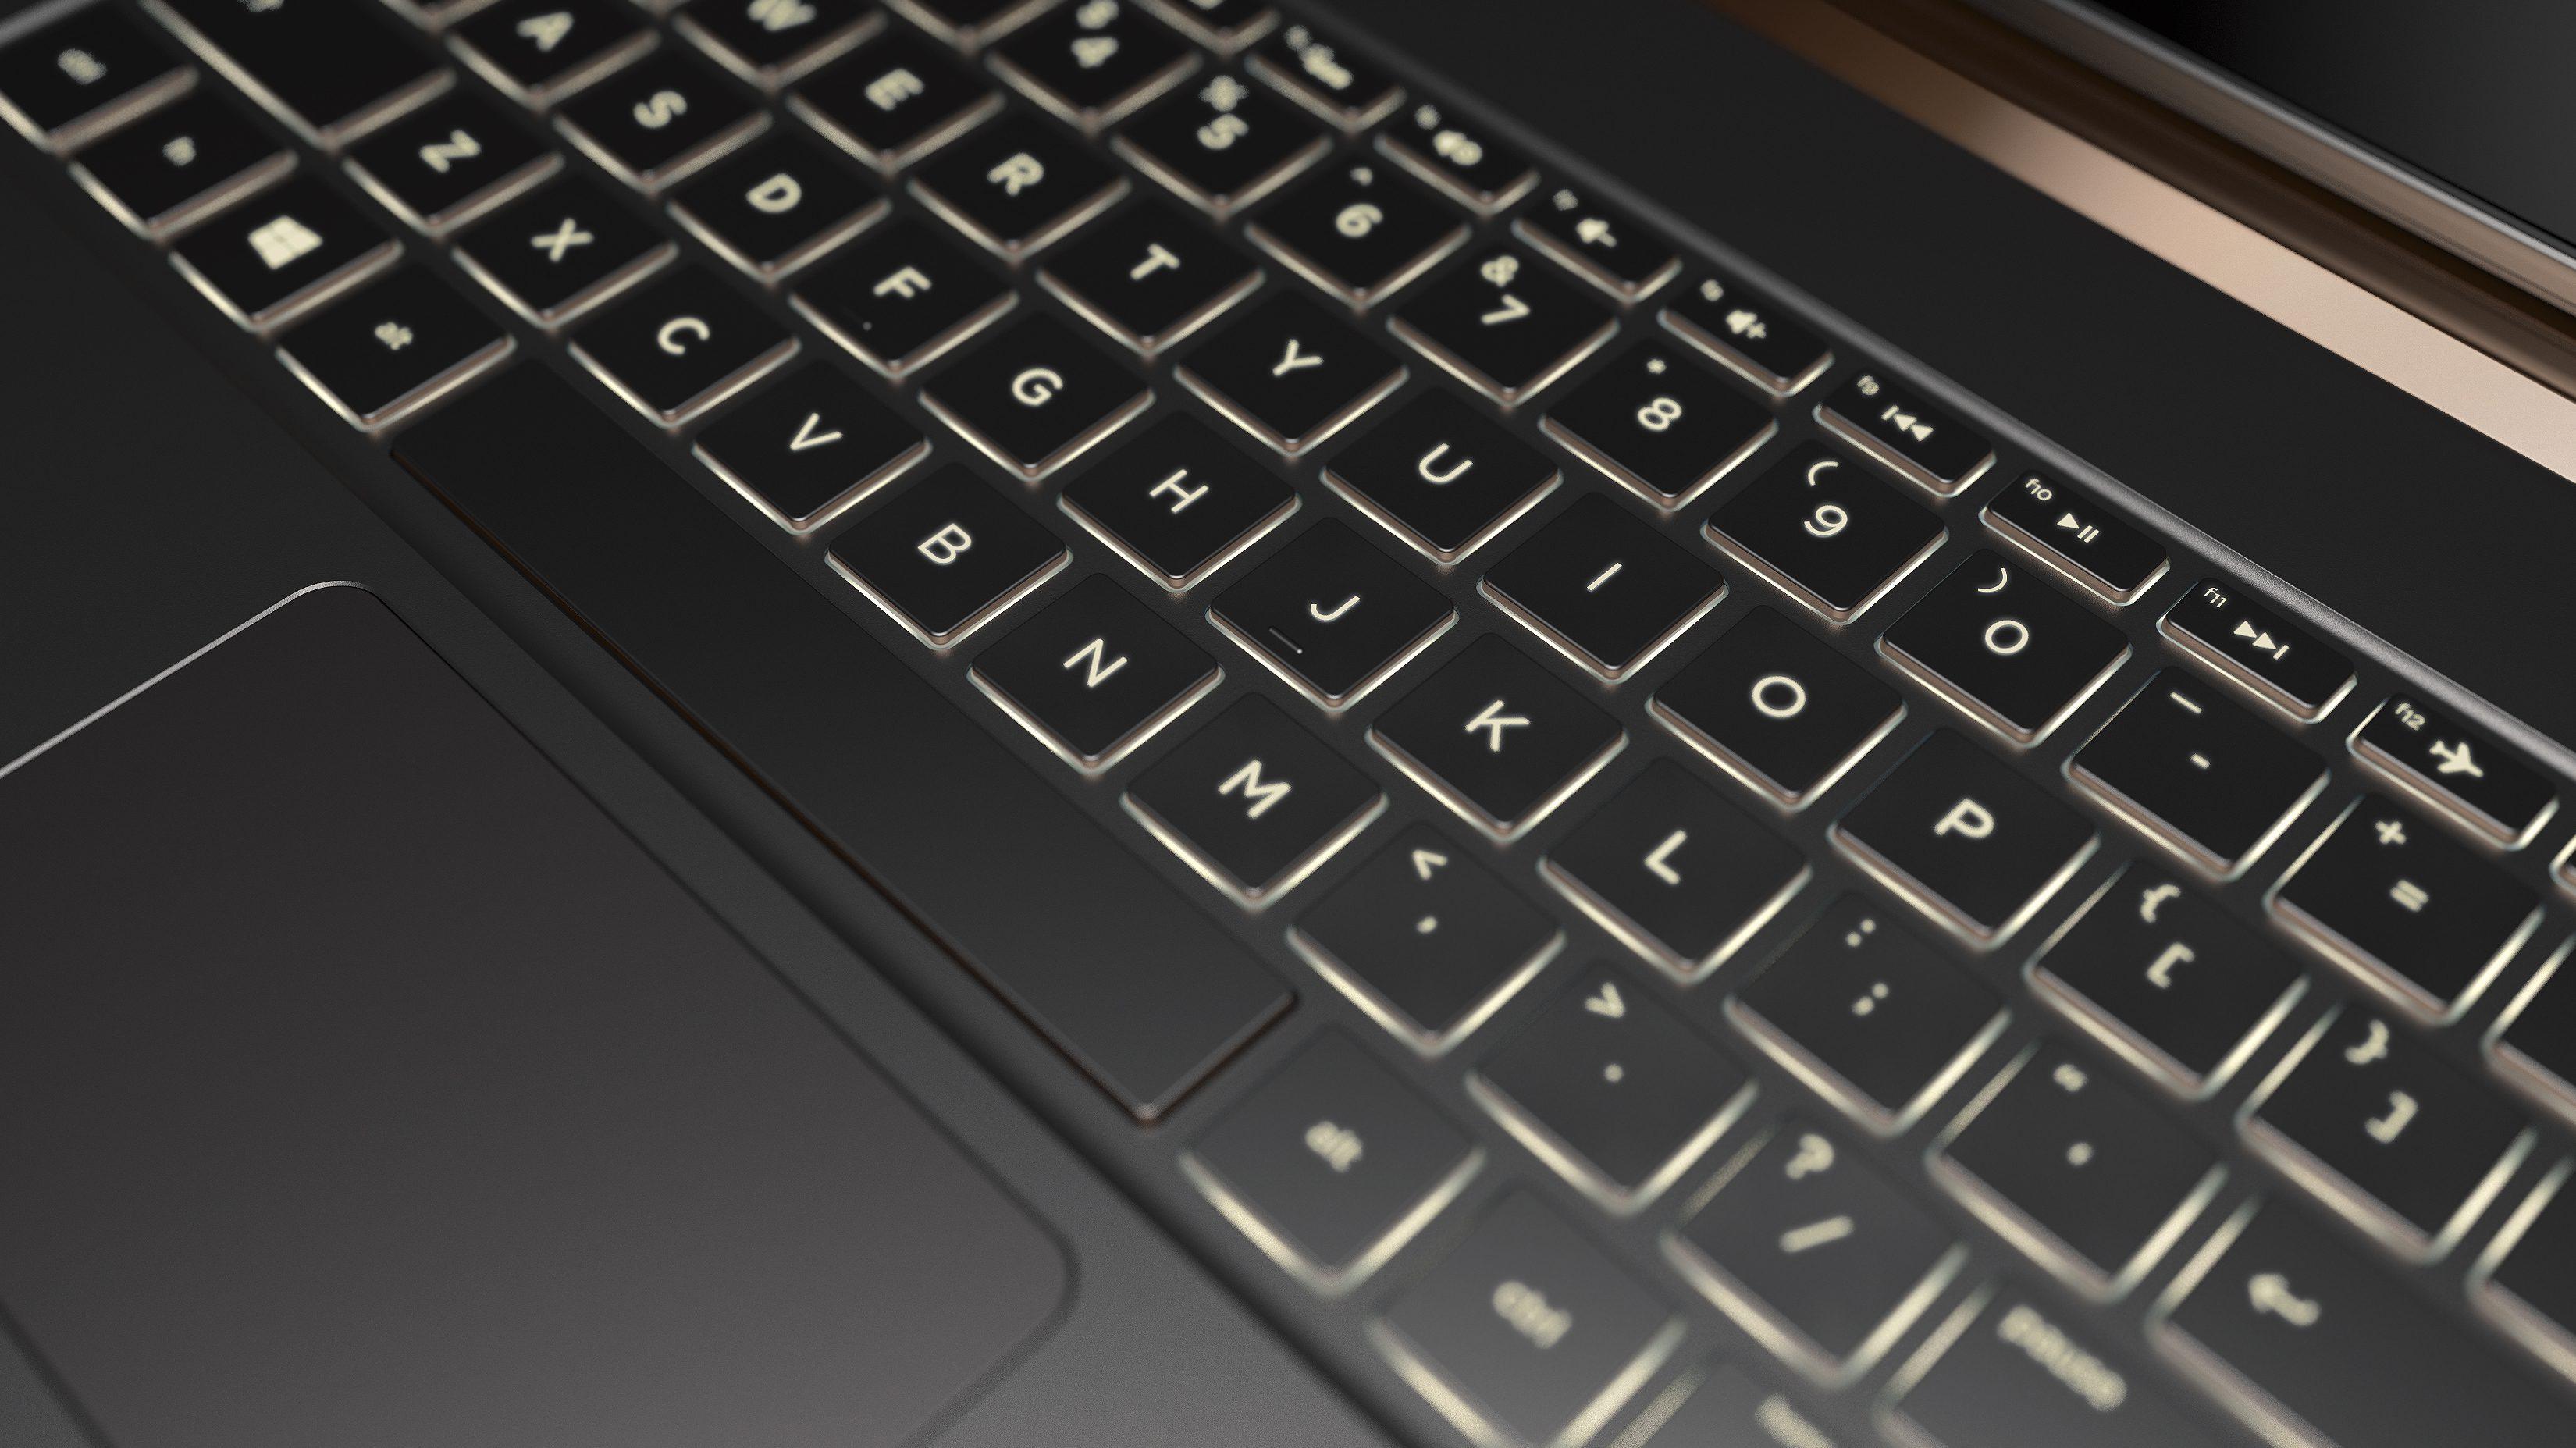 HP Spectre 13.3_keyboard detail.jpg